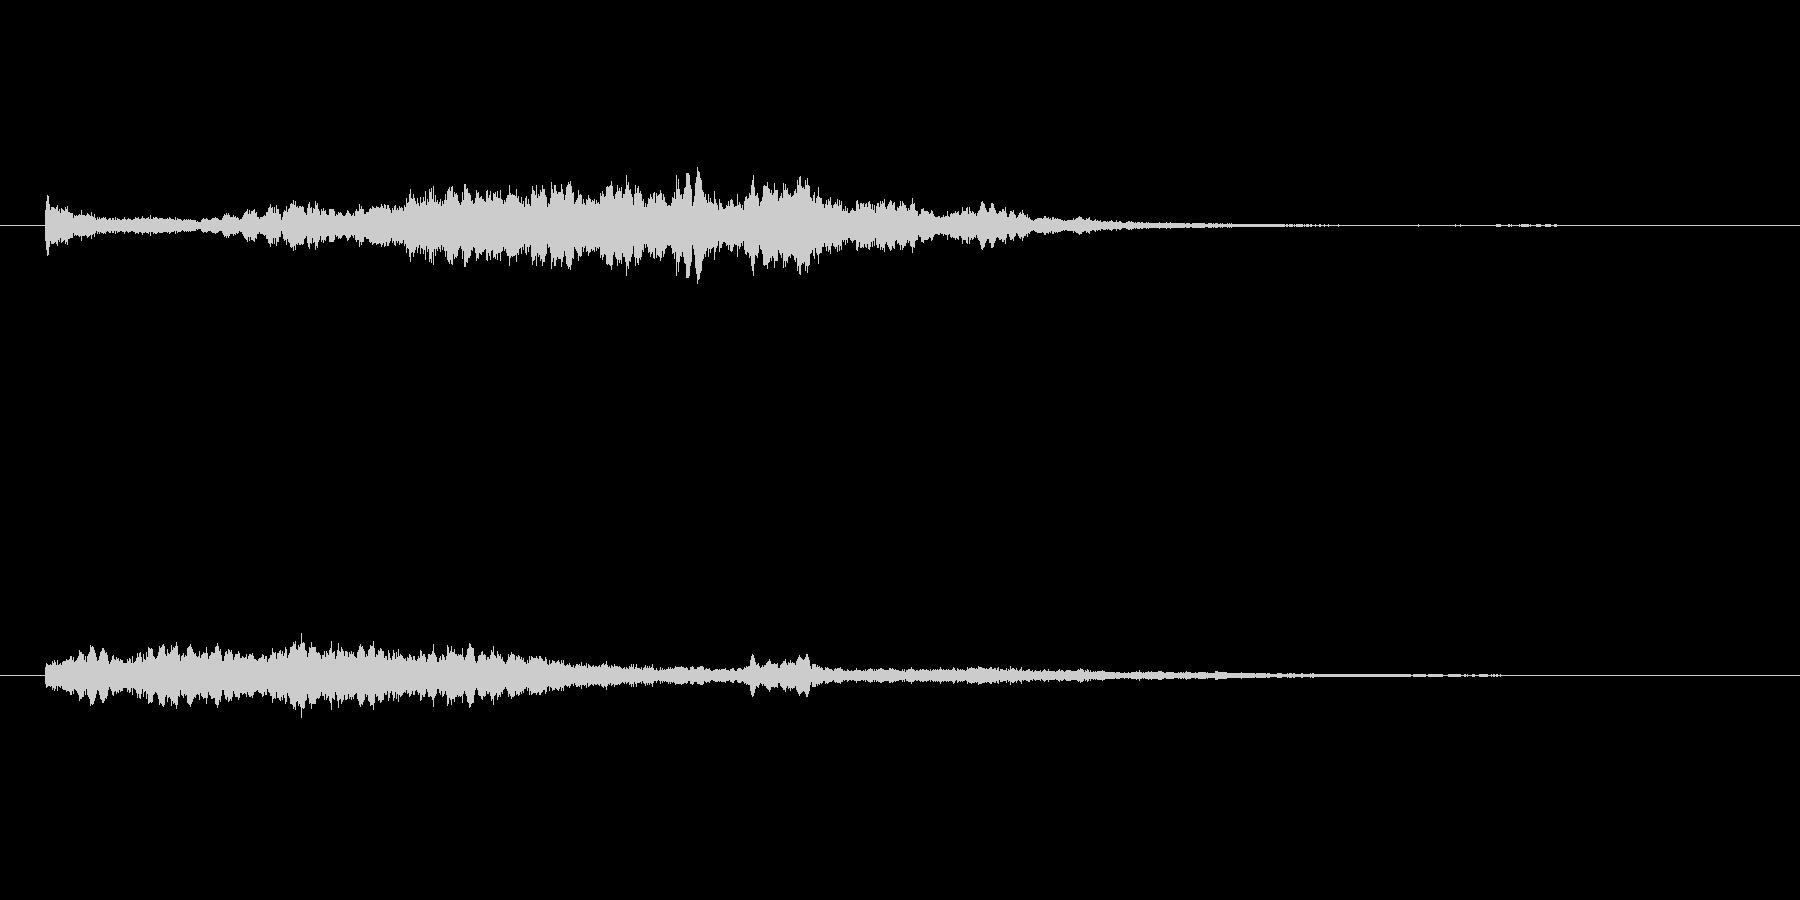 浮遊するシンセのサウンドロゴの未再生の波形